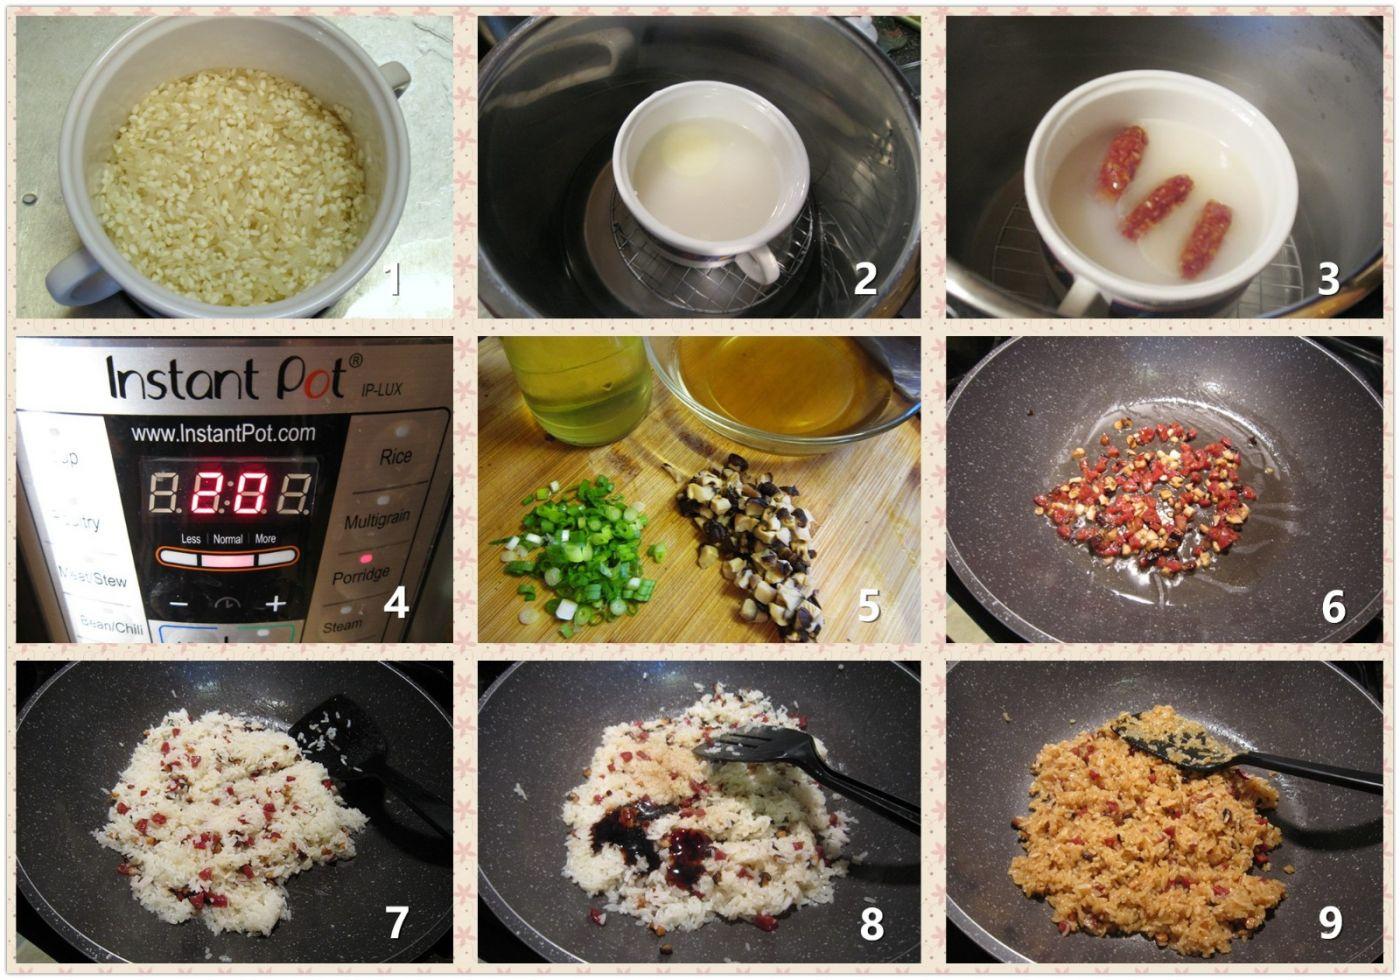 腊肠冬菇炊饭_图1-2